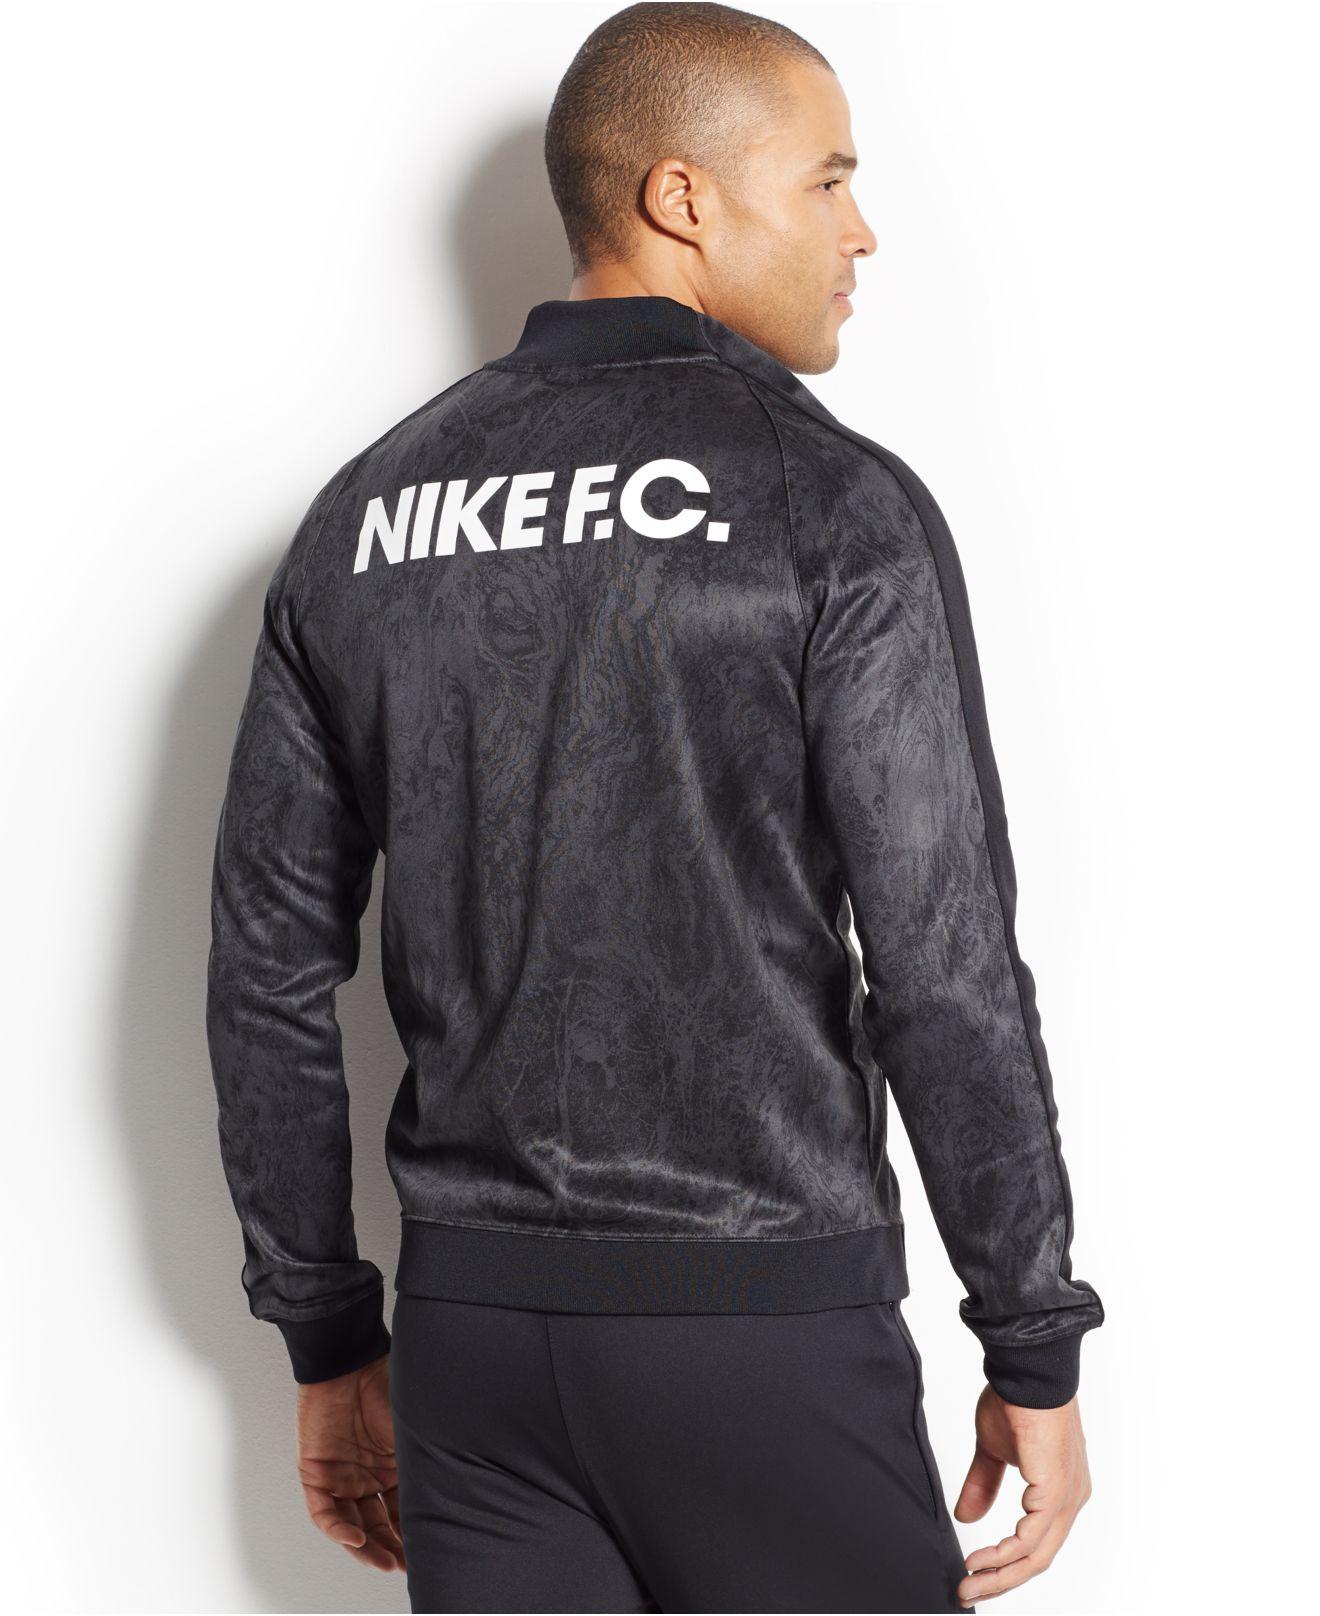 71e5c2c5c1 Lyst - Nike Fc N98 Printed Full-zip Track Jacket in Black for Men